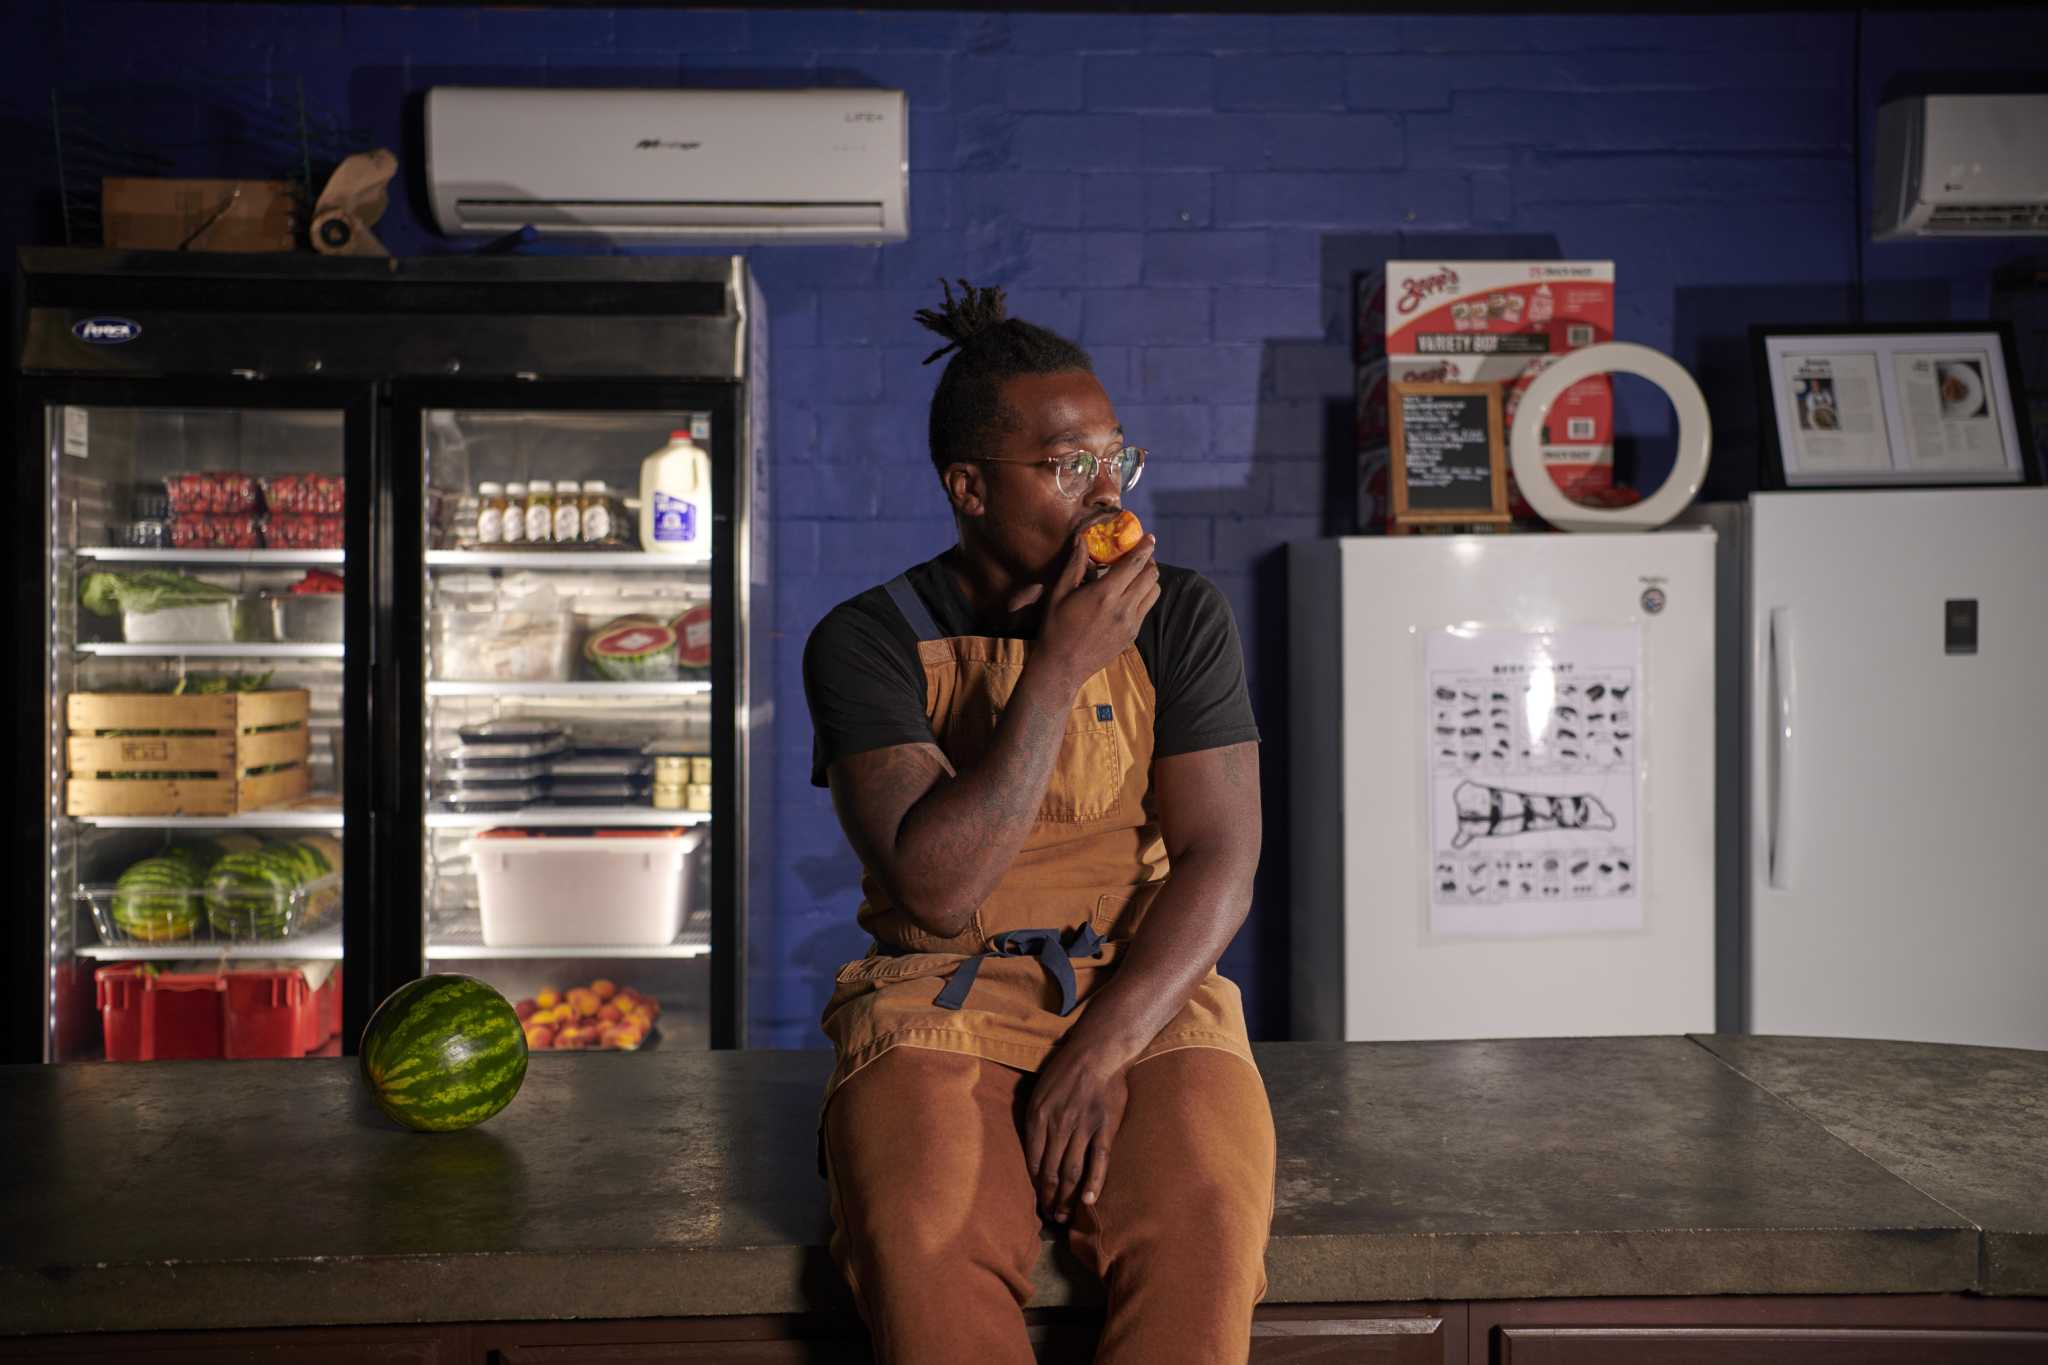 Chef behind revered Houston restaurant fights 'food apartheid'